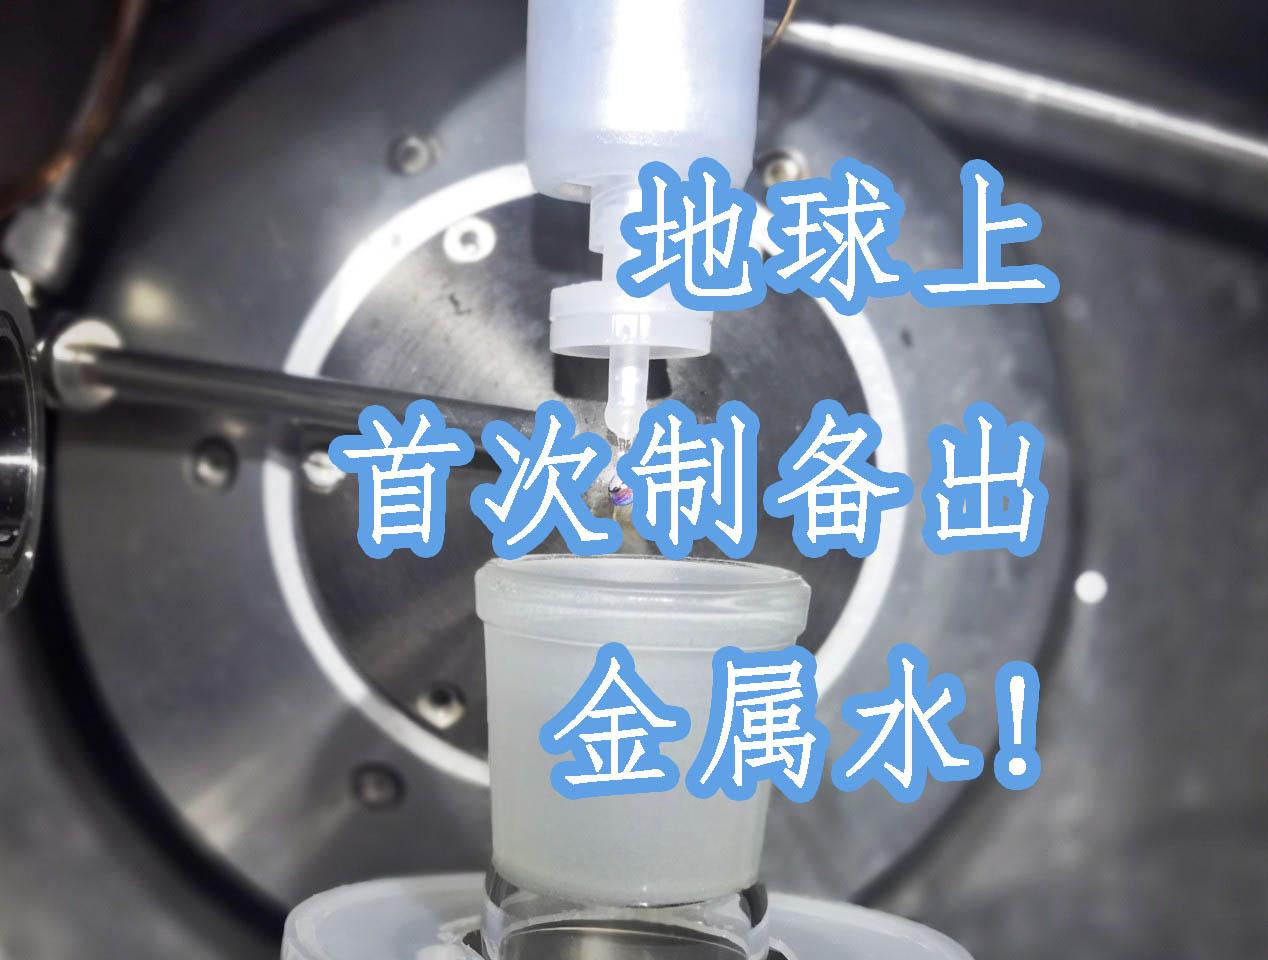 世界上首次在陆地条件下制备出金属水!你不来看看吗